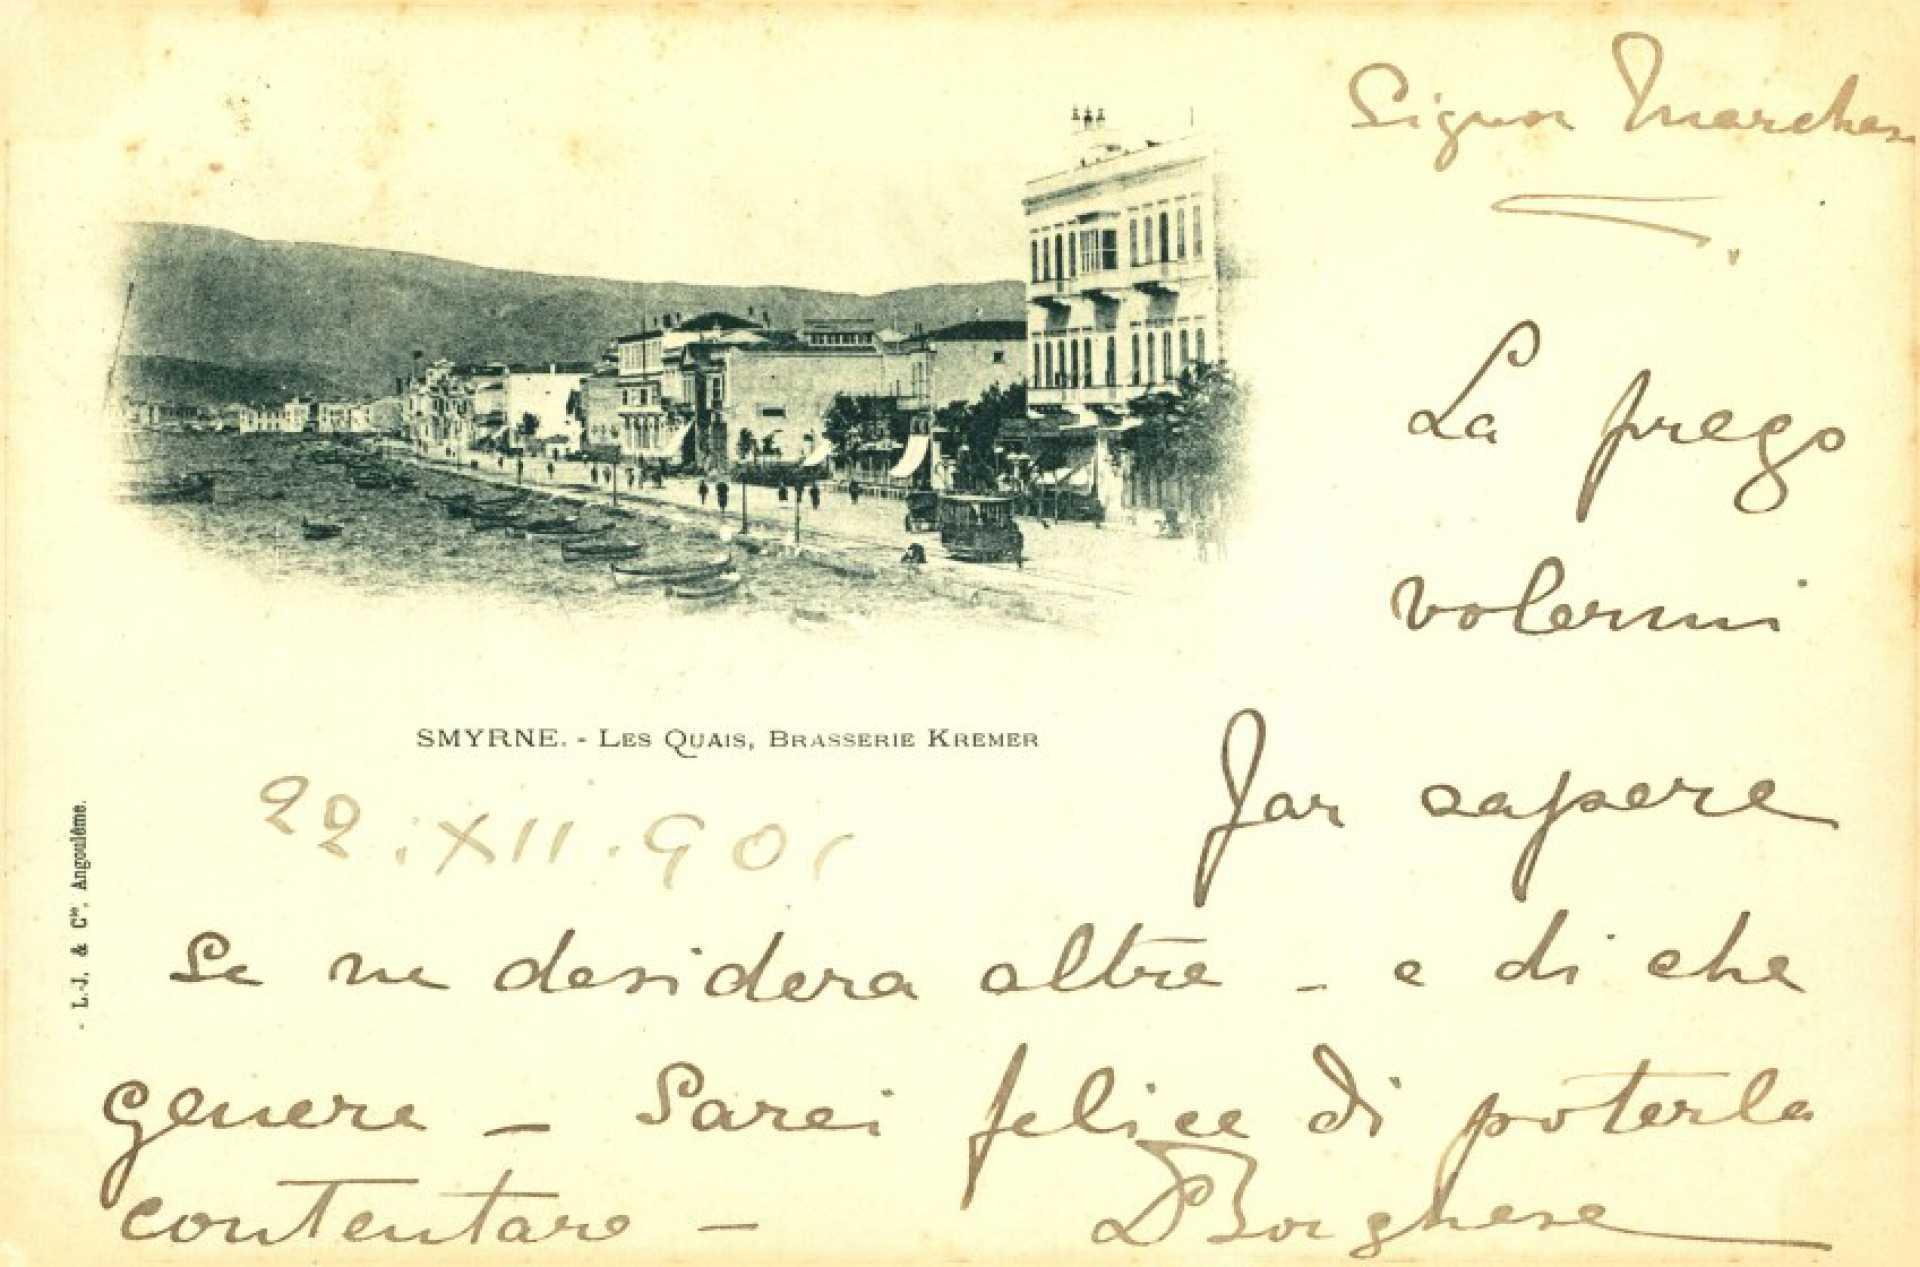 Smyrne – Les Quais. Brasserie Kremer